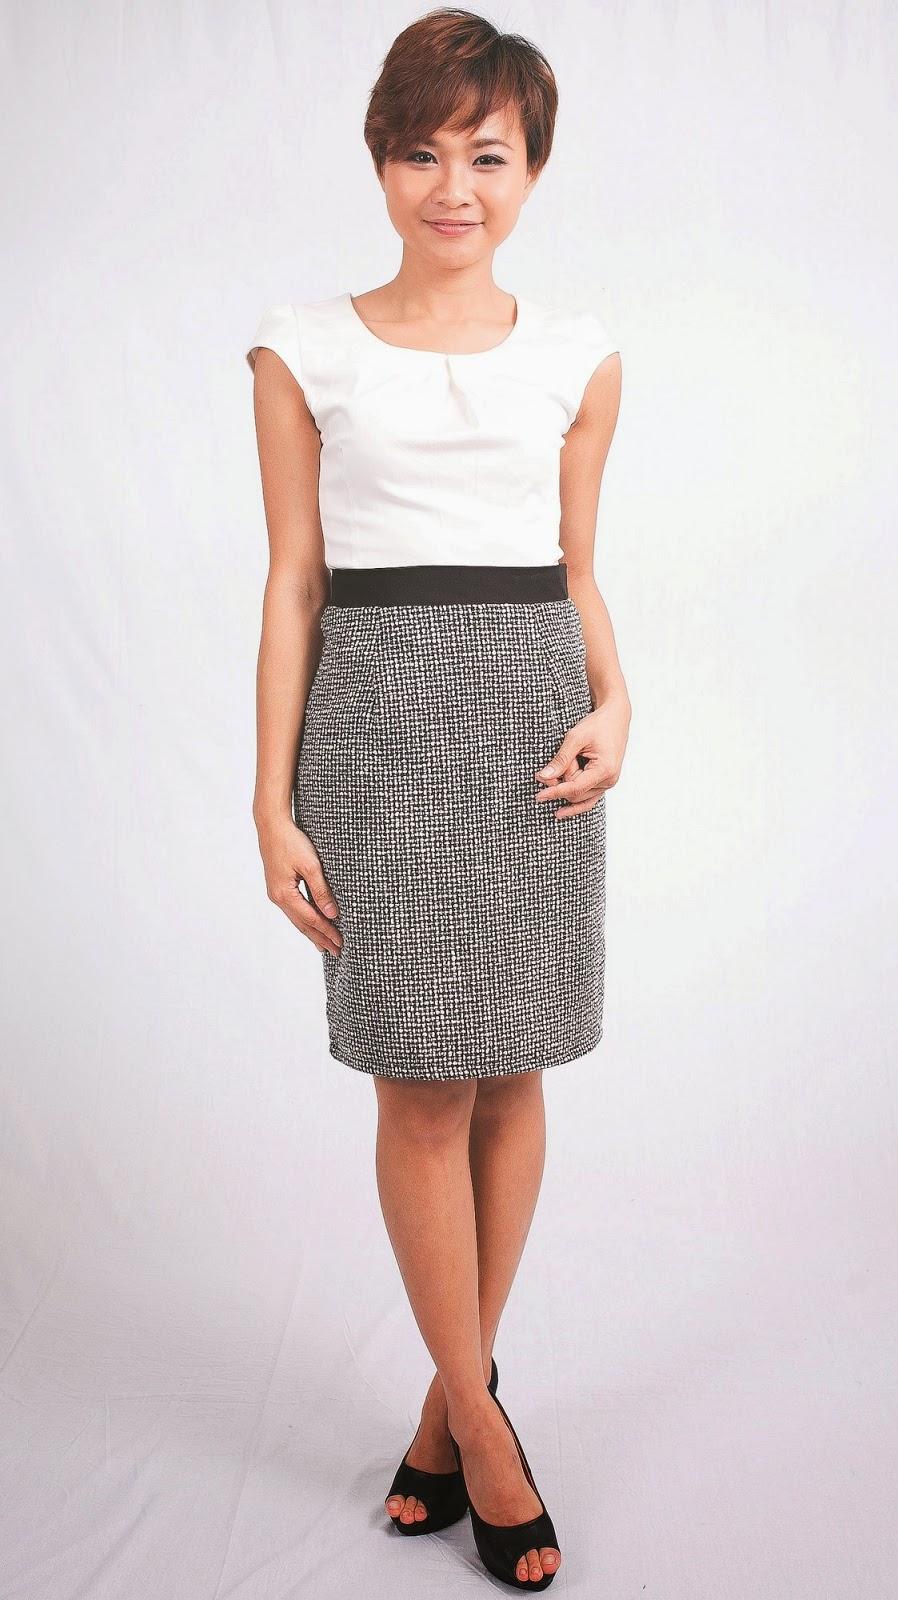 735bbc6c59 Whitesoot: Always Sparkle Pencil Skirt   Emcee Couture: Melinda Skirt    Peep: JyhLing Slit Midi Skirt   Twenty 3: Lavender Vantel Midi Skirt